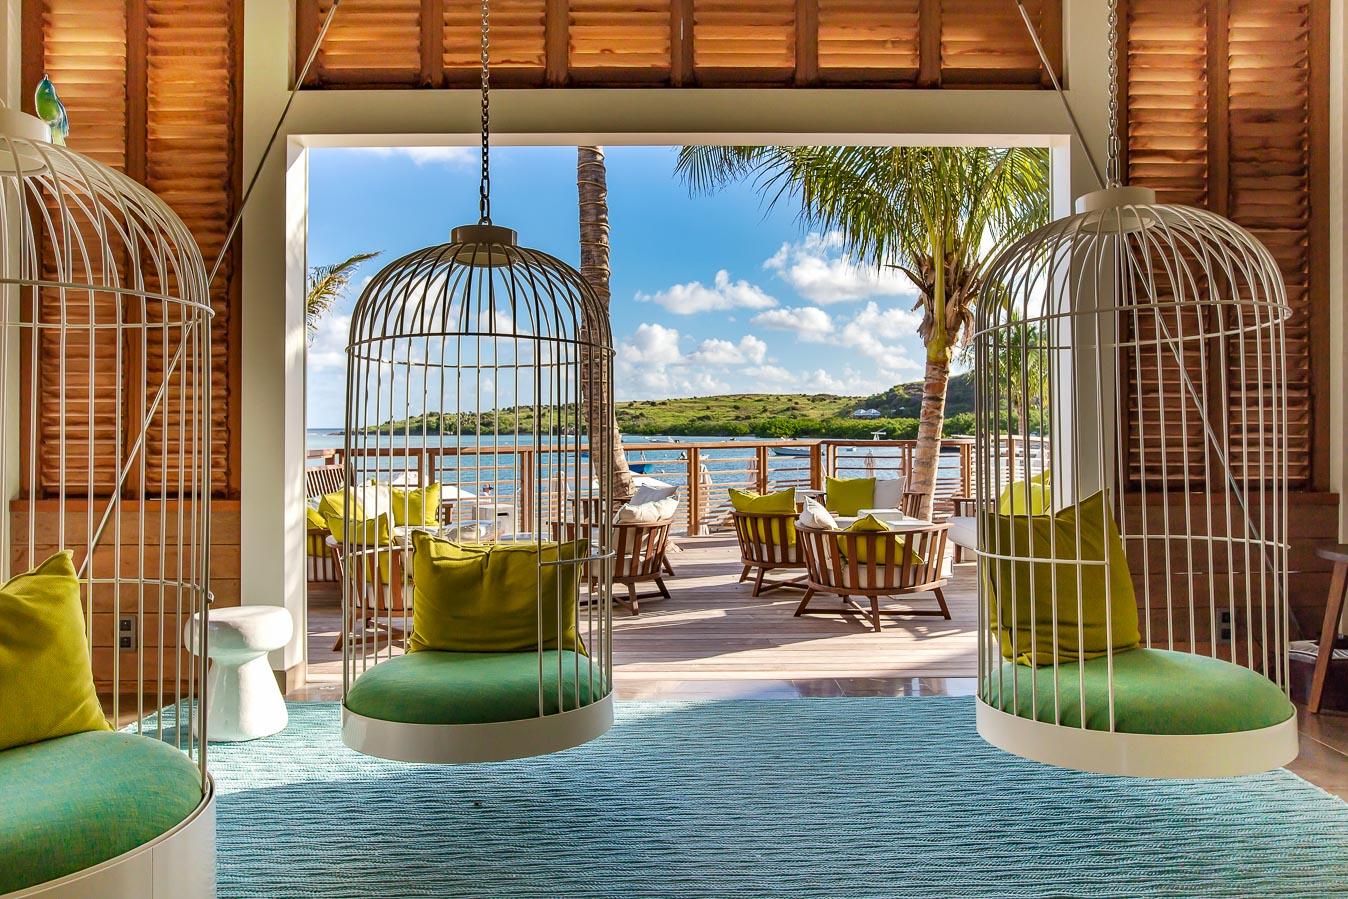 Le Barthélemy Hotel & Spa - PavillonBienvenue1@LaurentBenoit.jpg